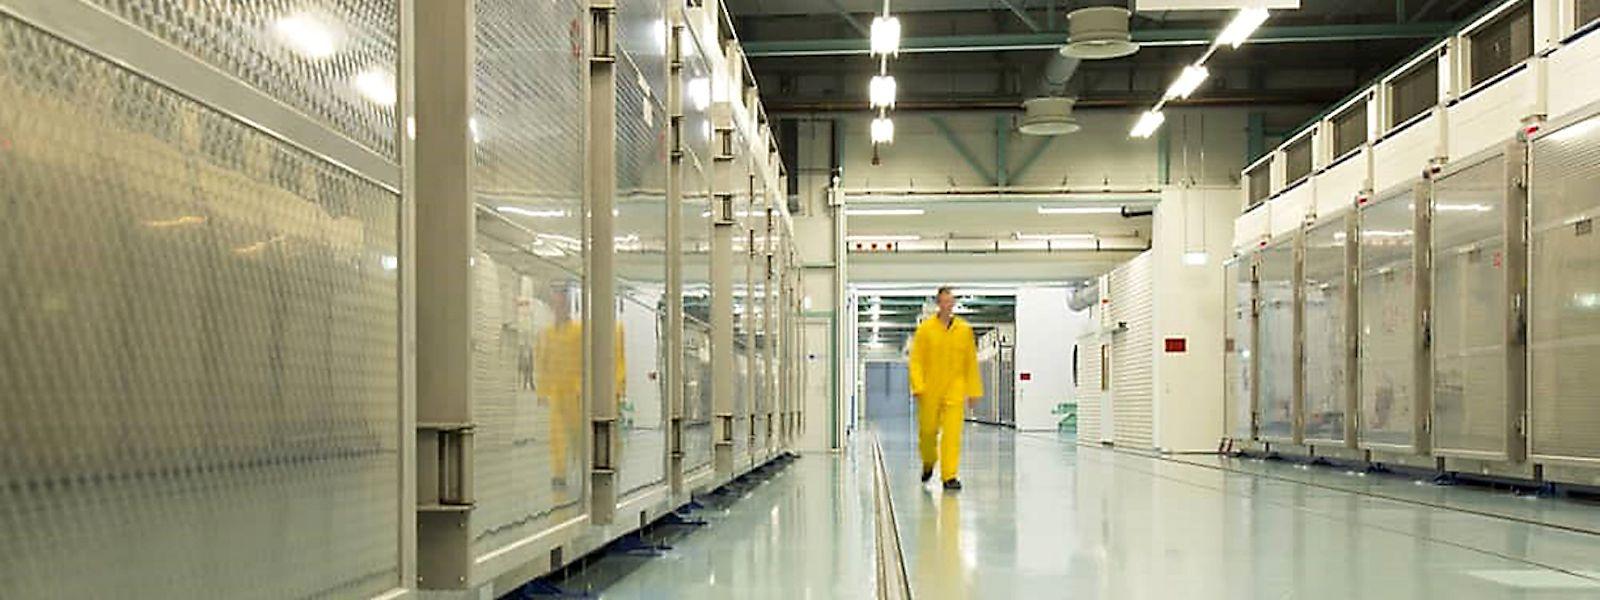 Das Innere der unterirdischen Uran-Anreicherungsanlage Fordo (Fordow) in Qom.